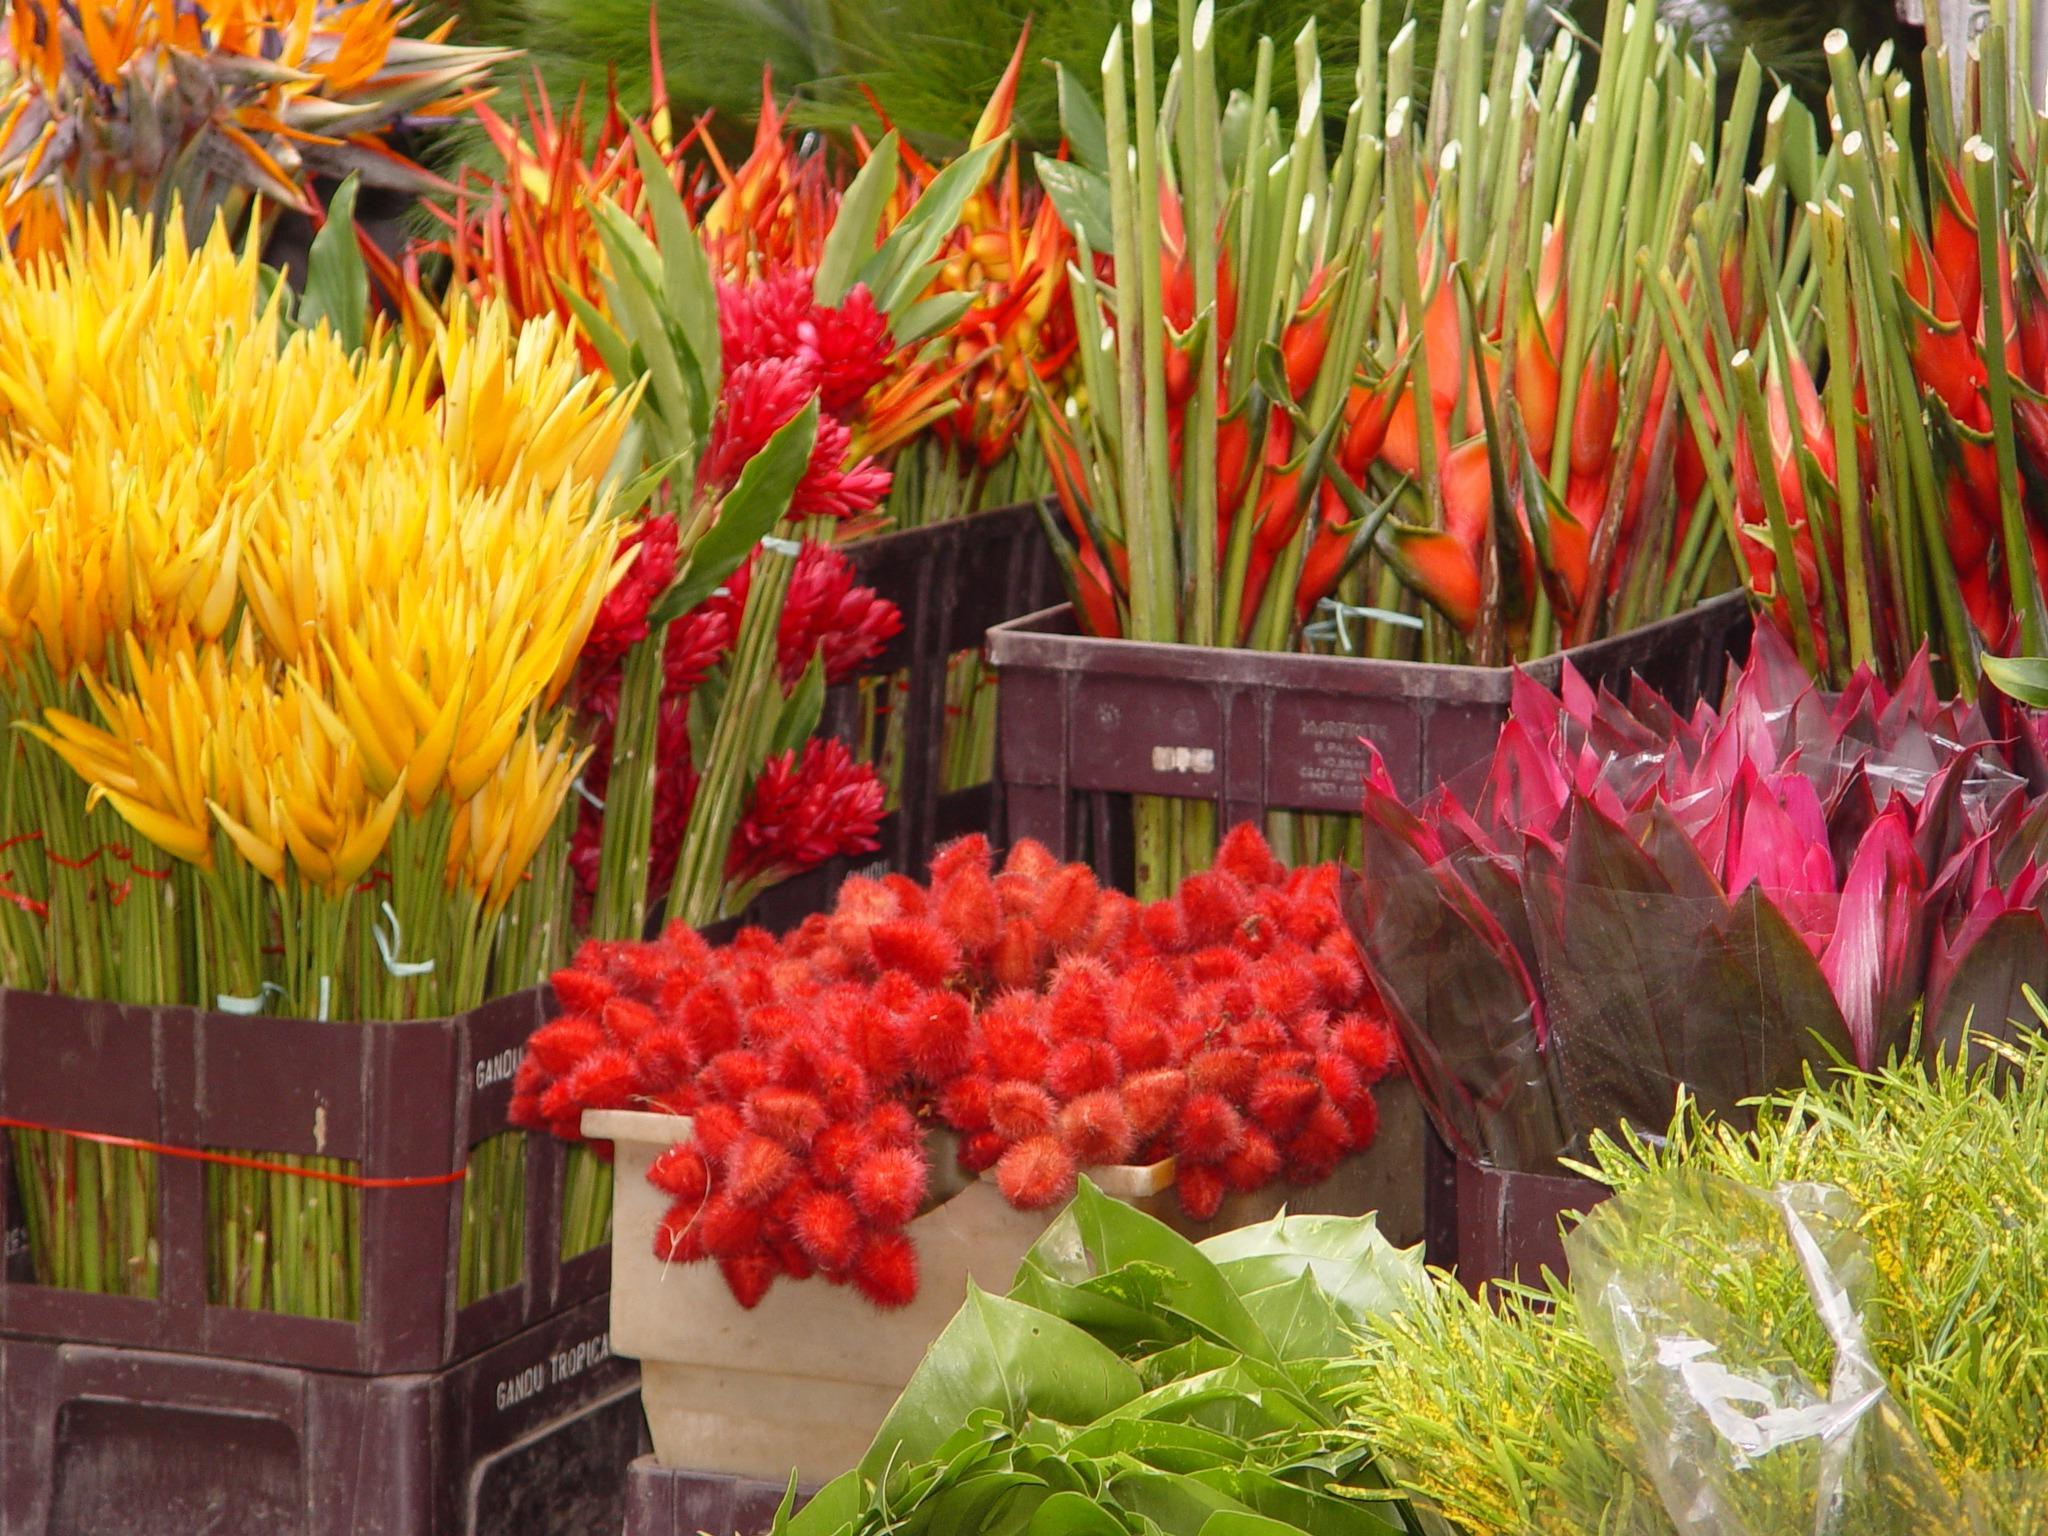 sebrae mercados, floricultura vendas, lucro e resultados